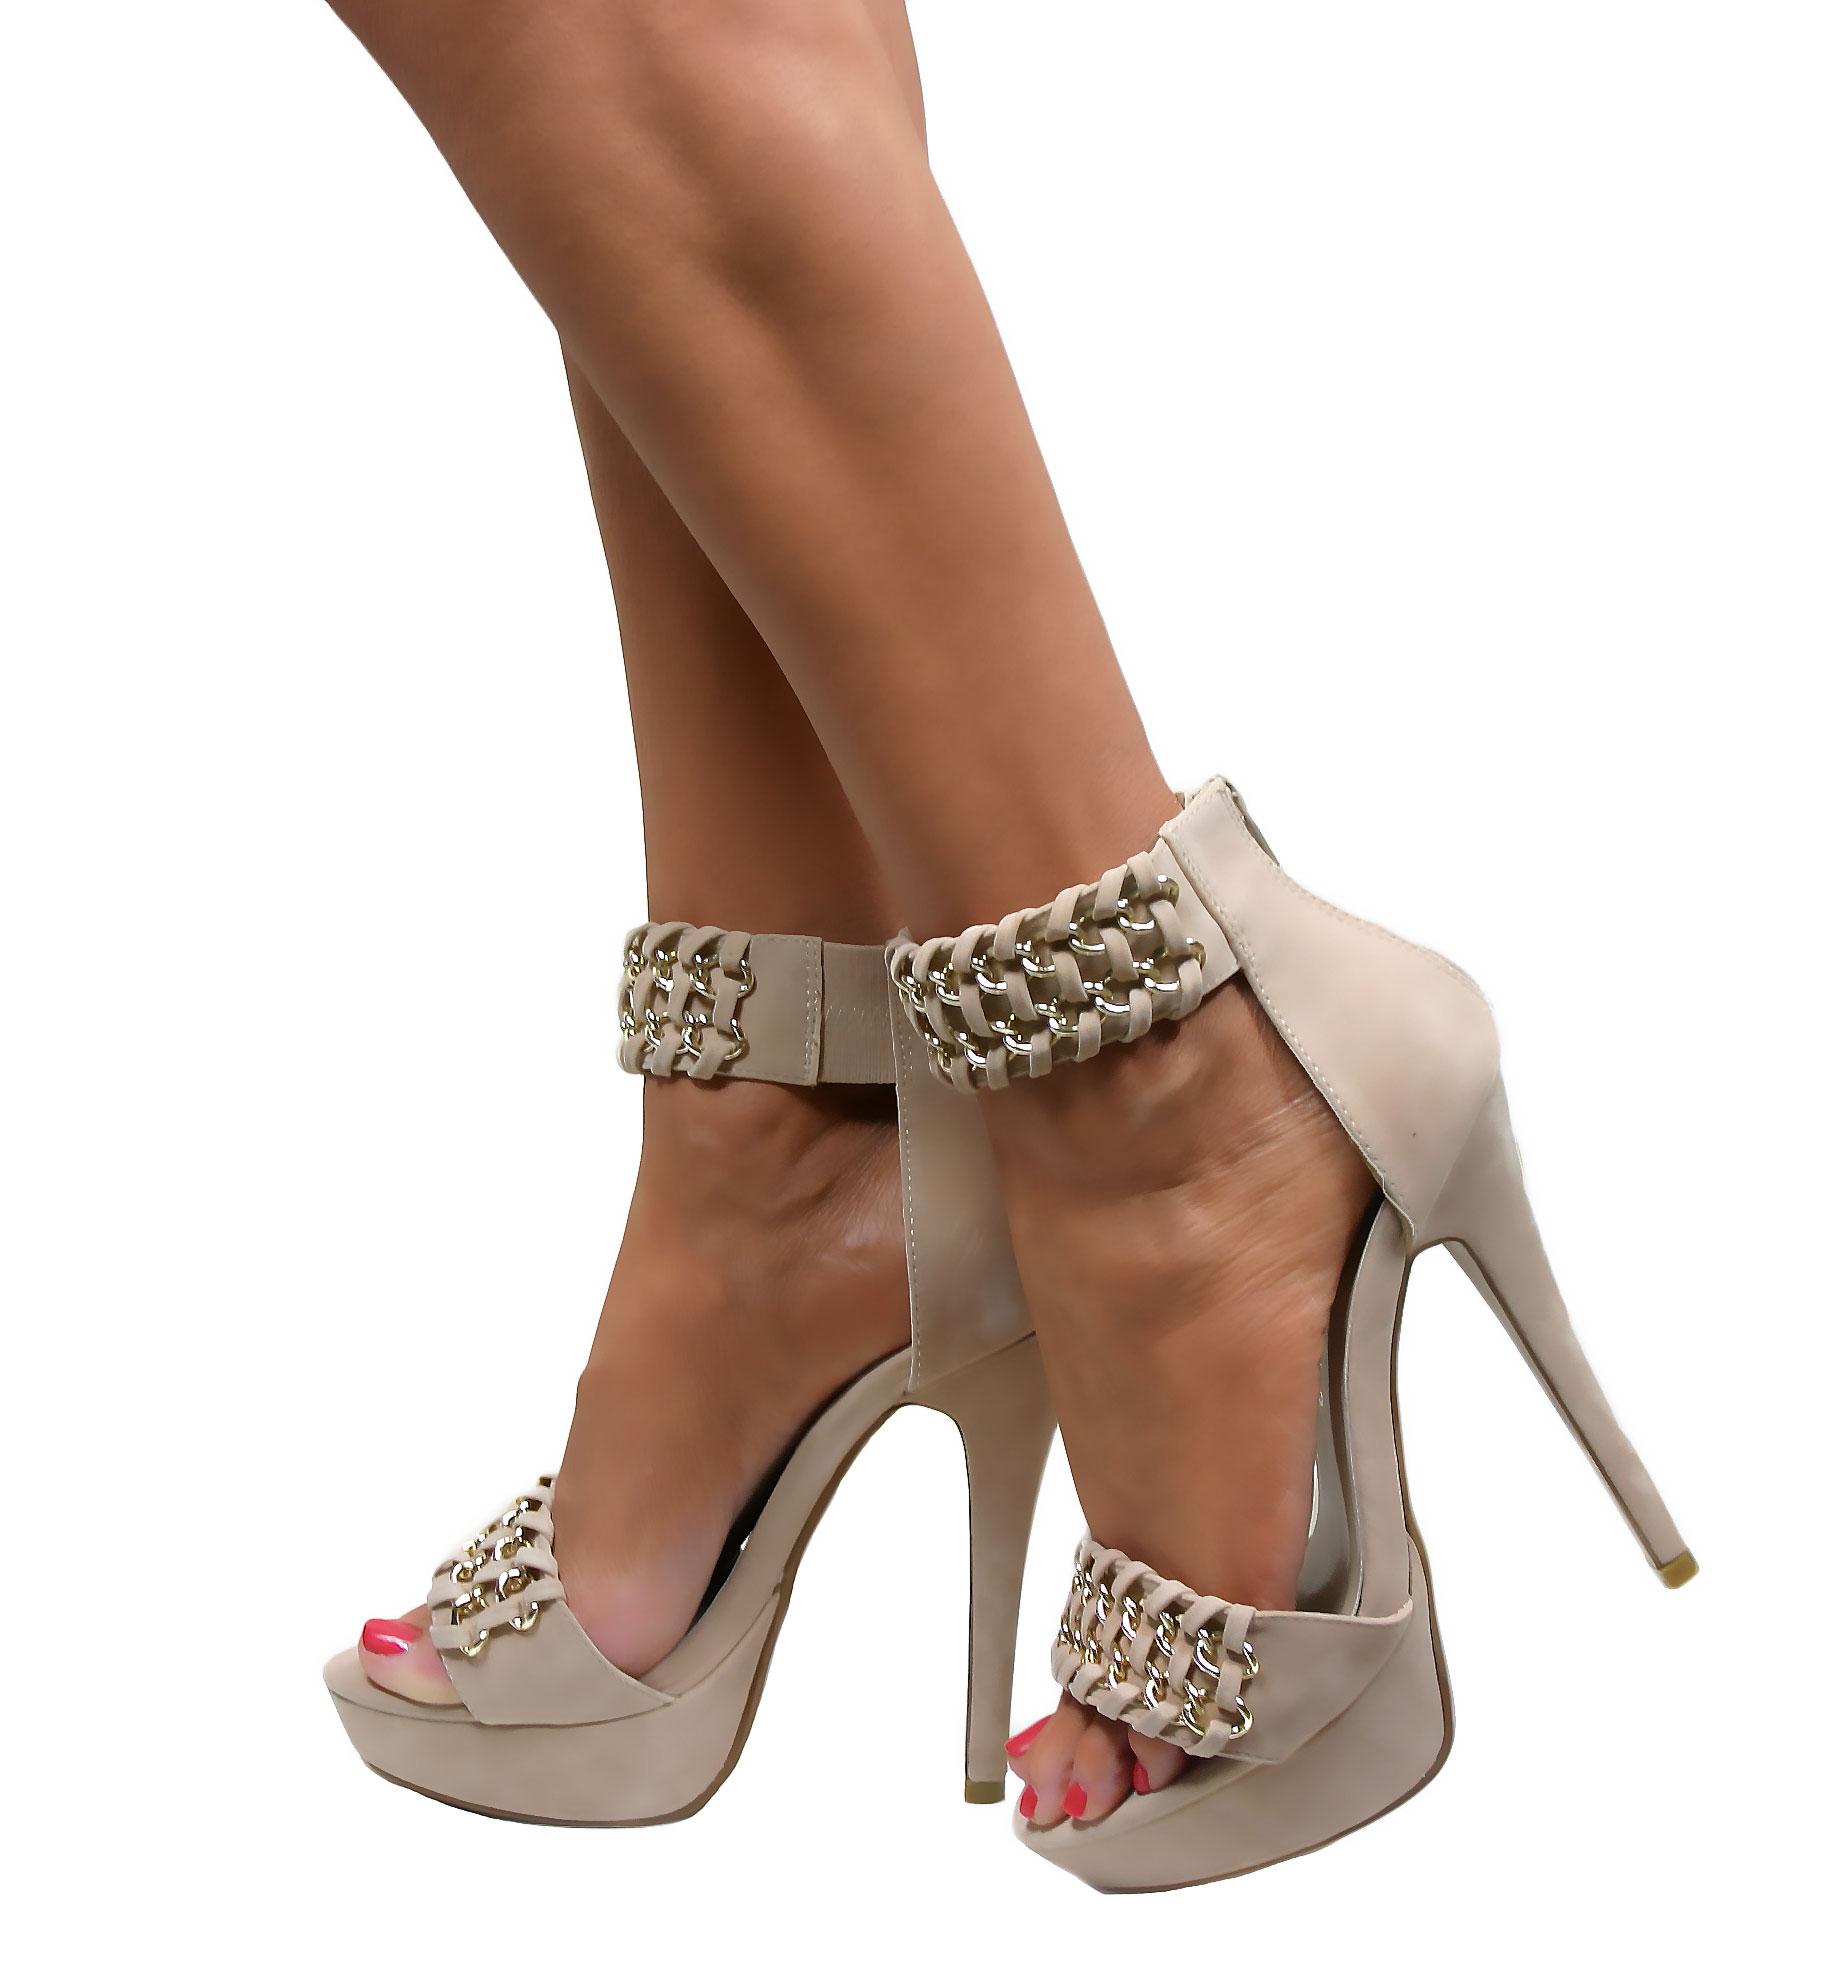 Da-Donna-Cinturino-alla-Caviglia-Bracciale-TACCO-ALTO-STILETTO-Peep-Toe-Sandali-Con-Cinturini-Scarpe